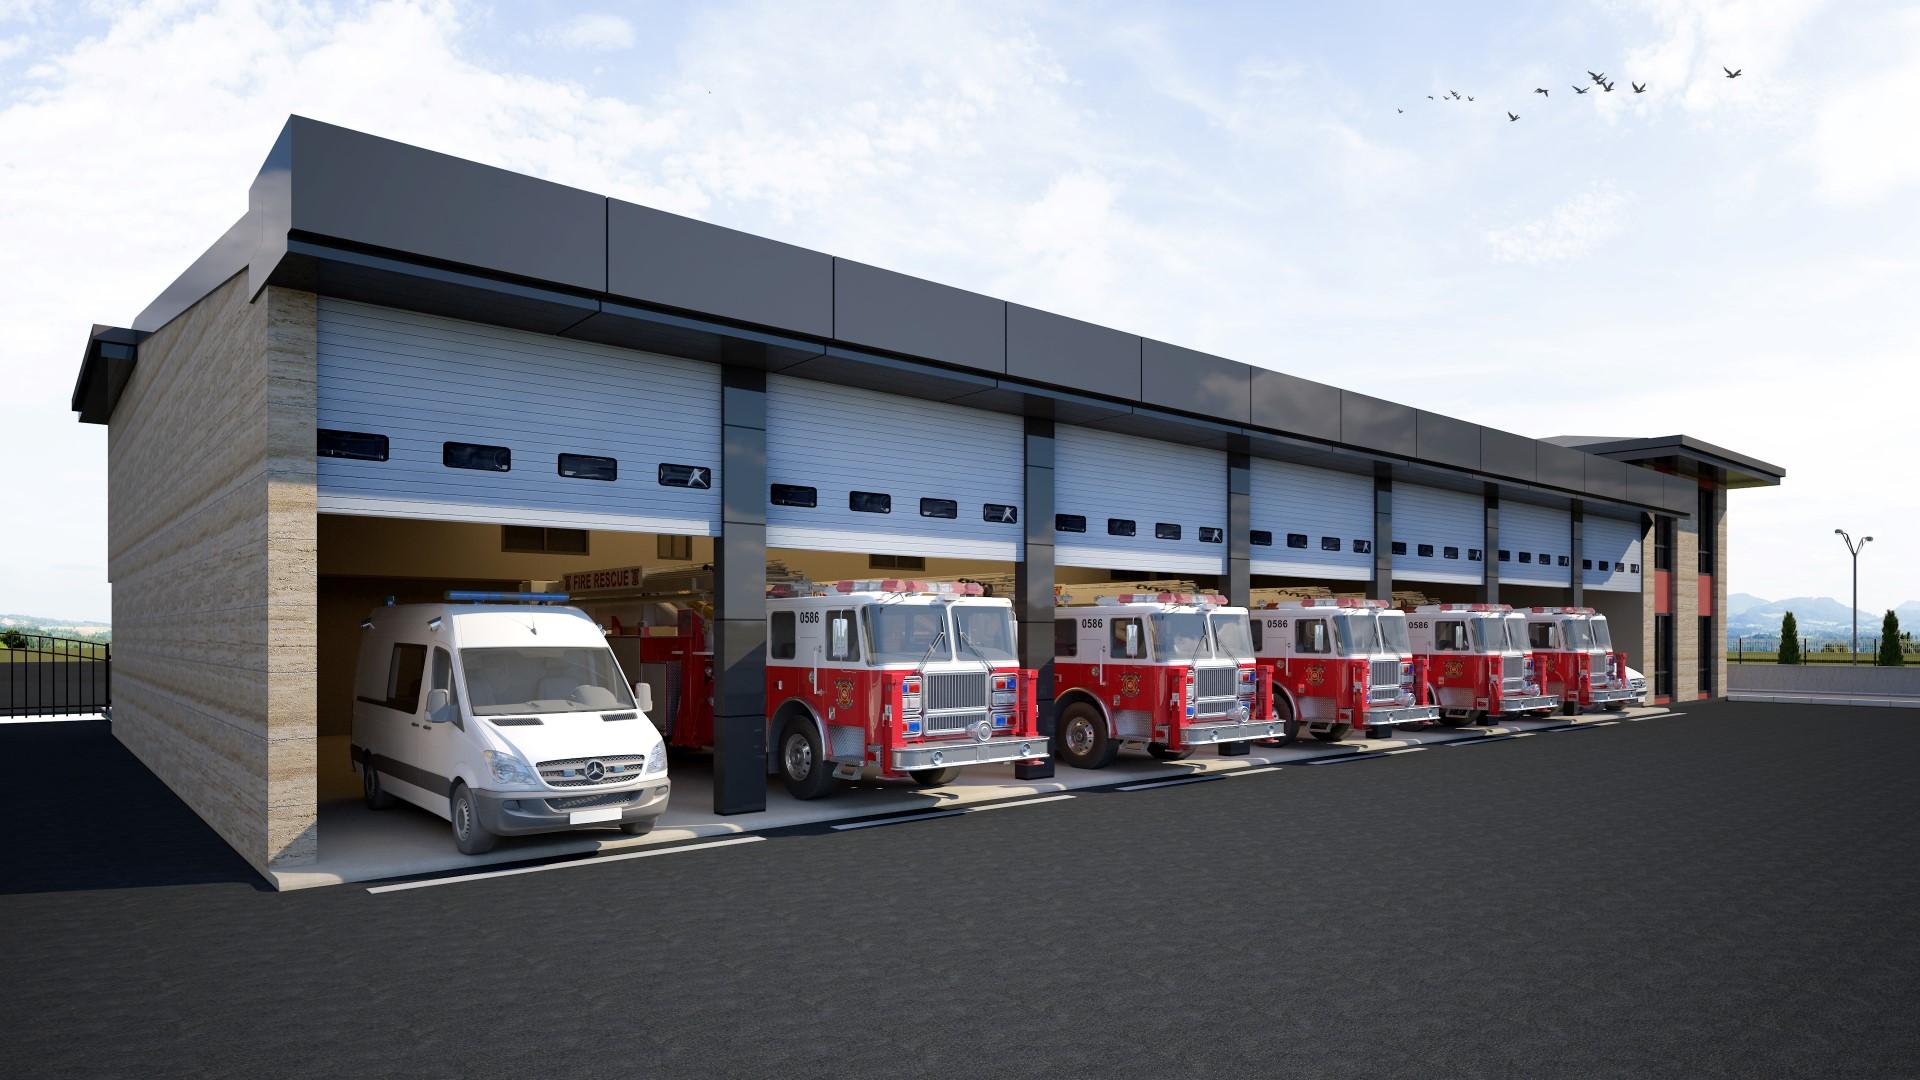 İtfaiye Terminal Müfrezesi 'ne yeni bina